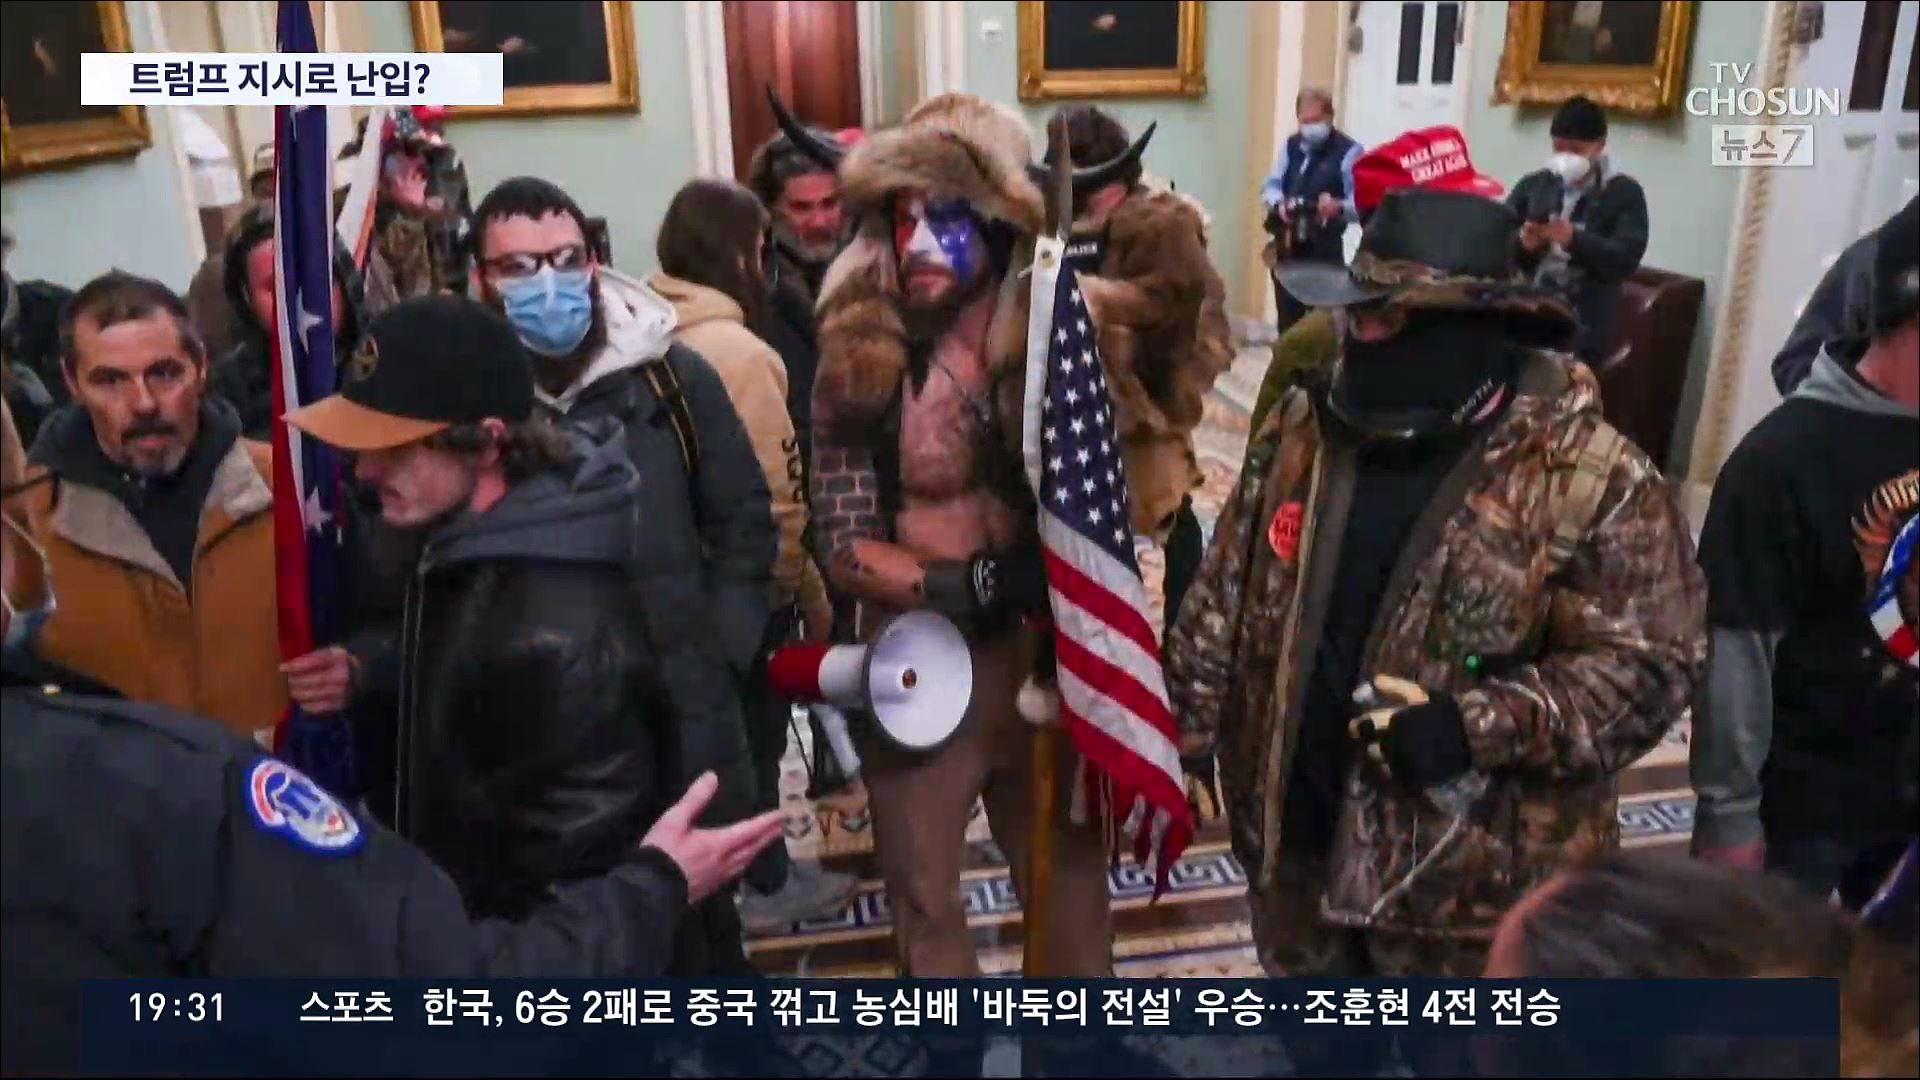 의사당 폭도 '트럼프 지시 따랐다'…워싱턴엔 3월 중순까지 주방위군 주둔